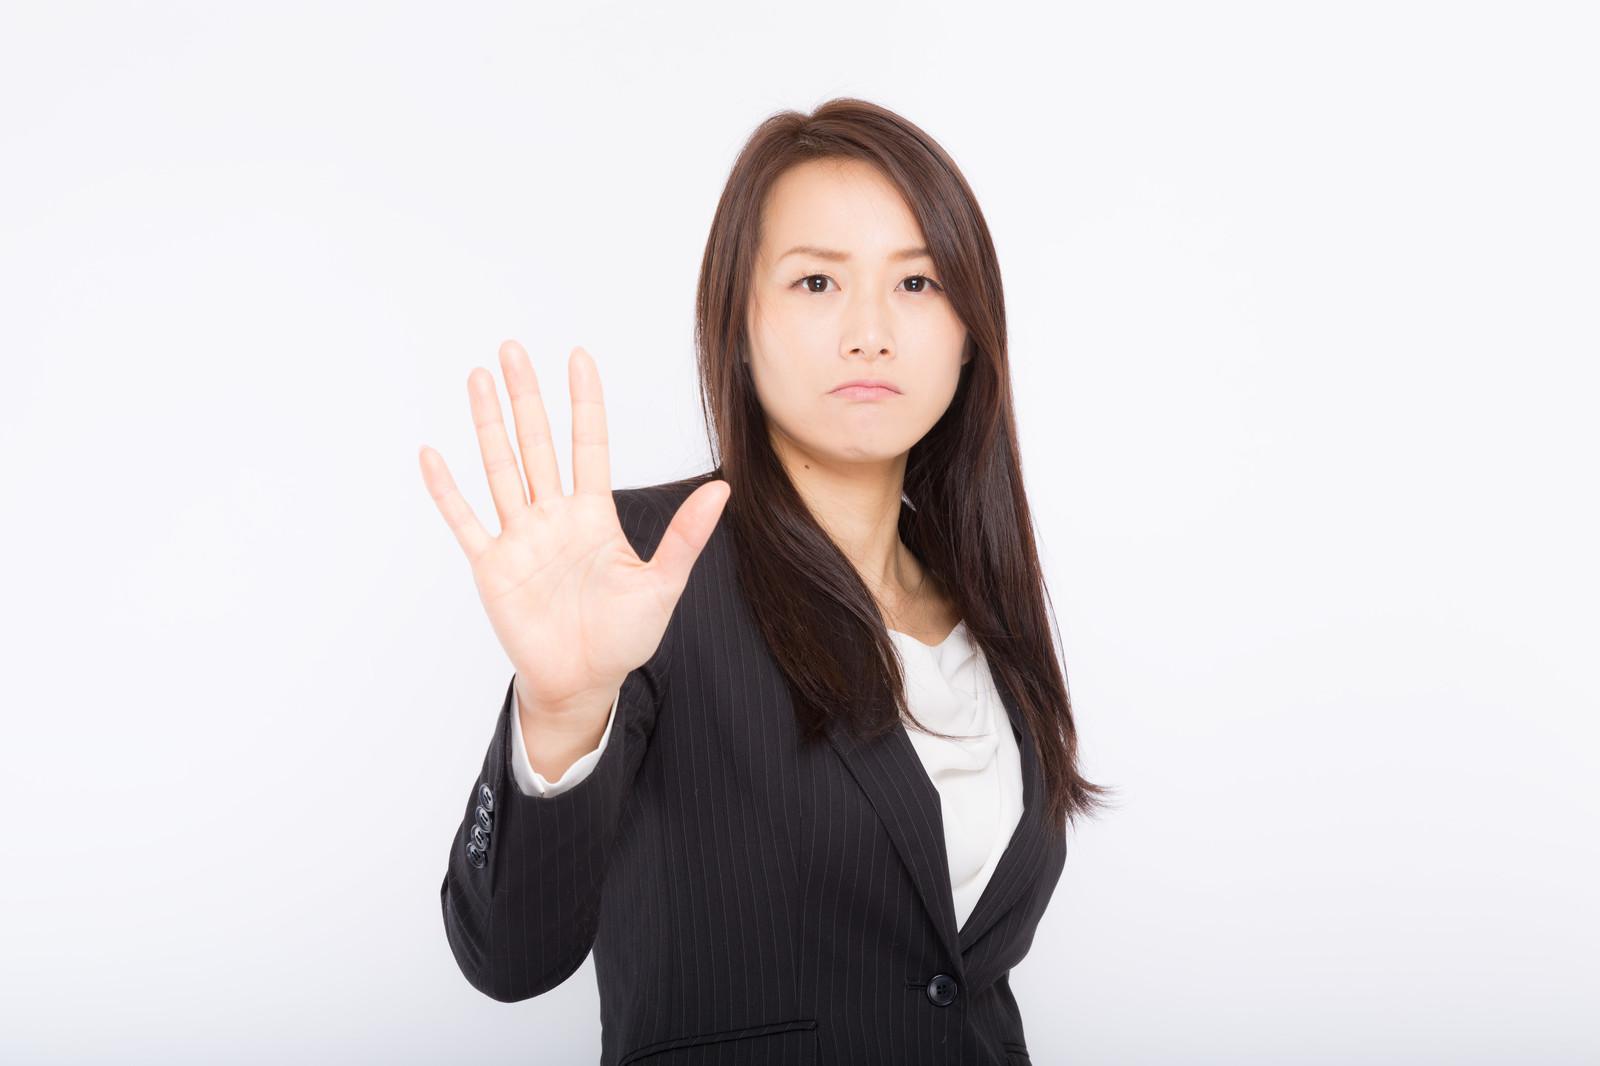 怖い!職場でエステ勧誘を受けて断った話【しつこい勧誘の断り方】